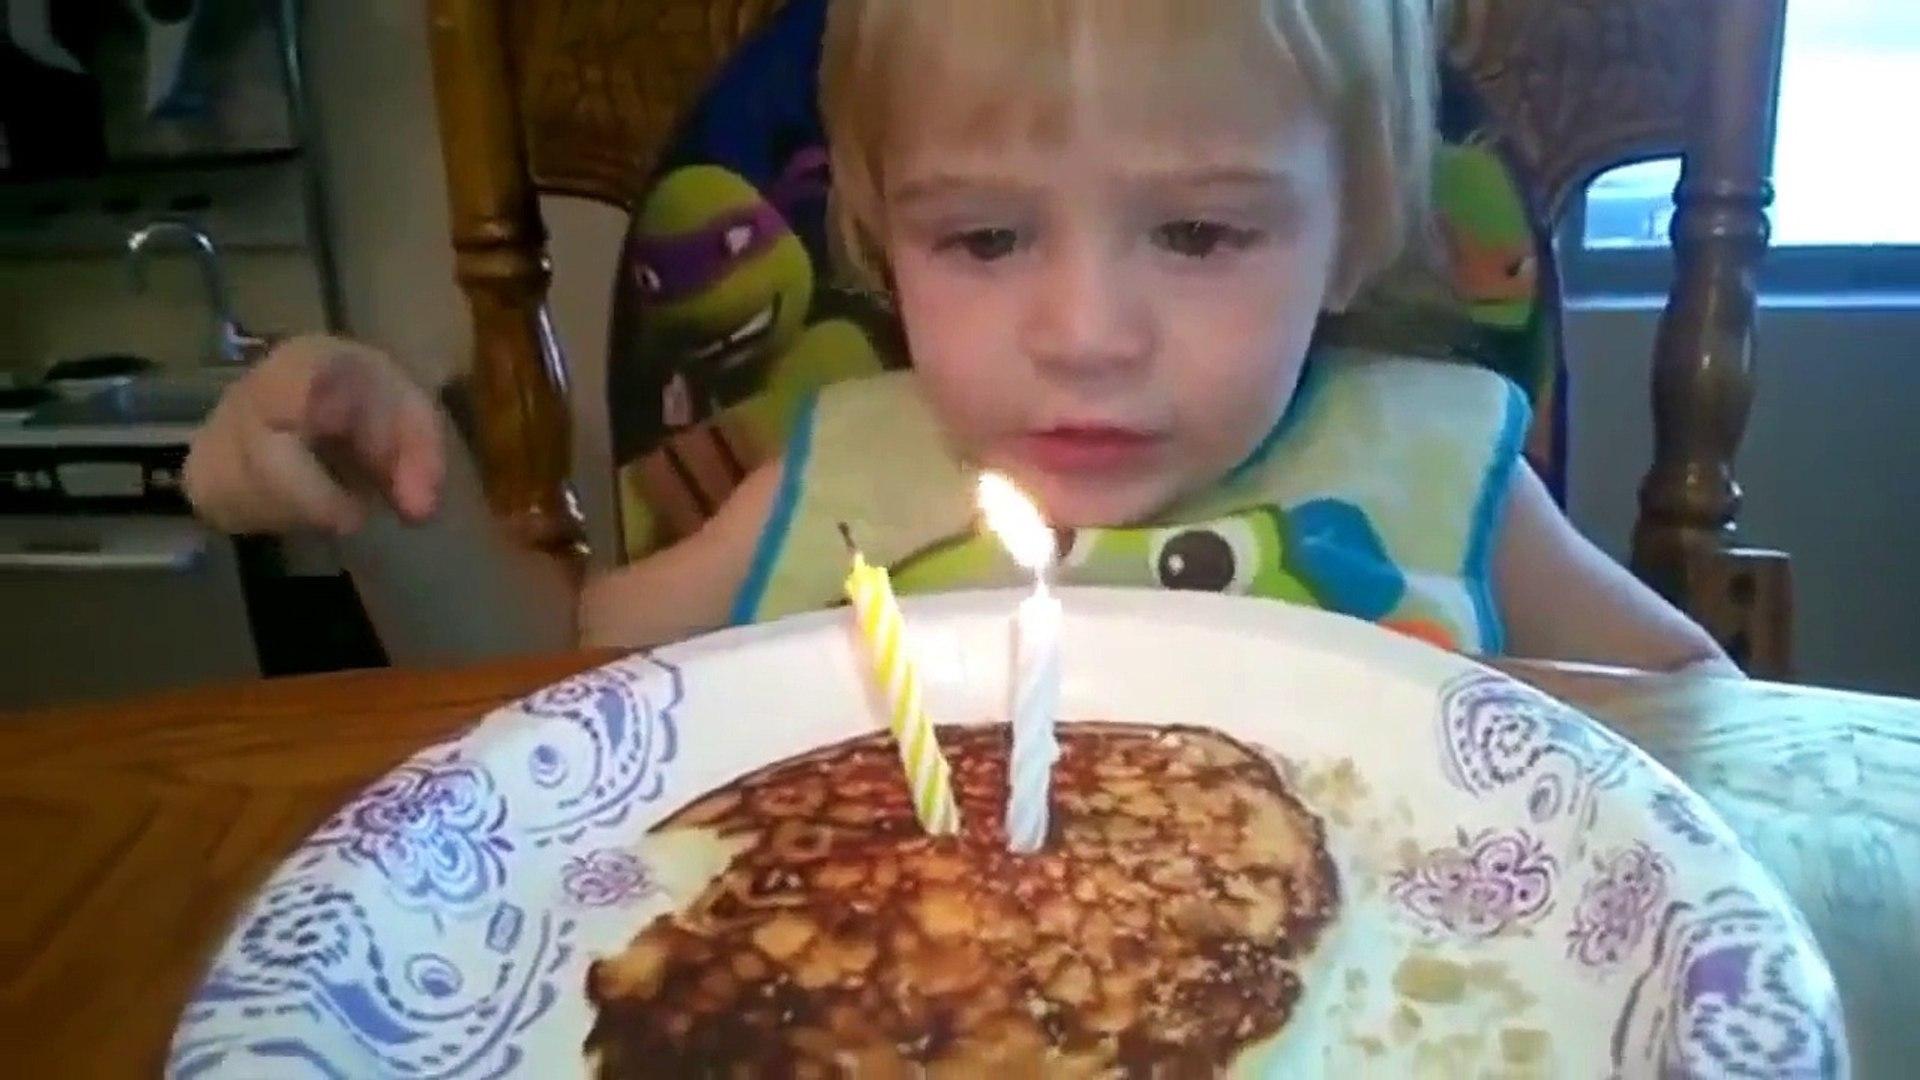 Компилация провали. Провали при опит да се загасят всички свещи на торта за рожден ден